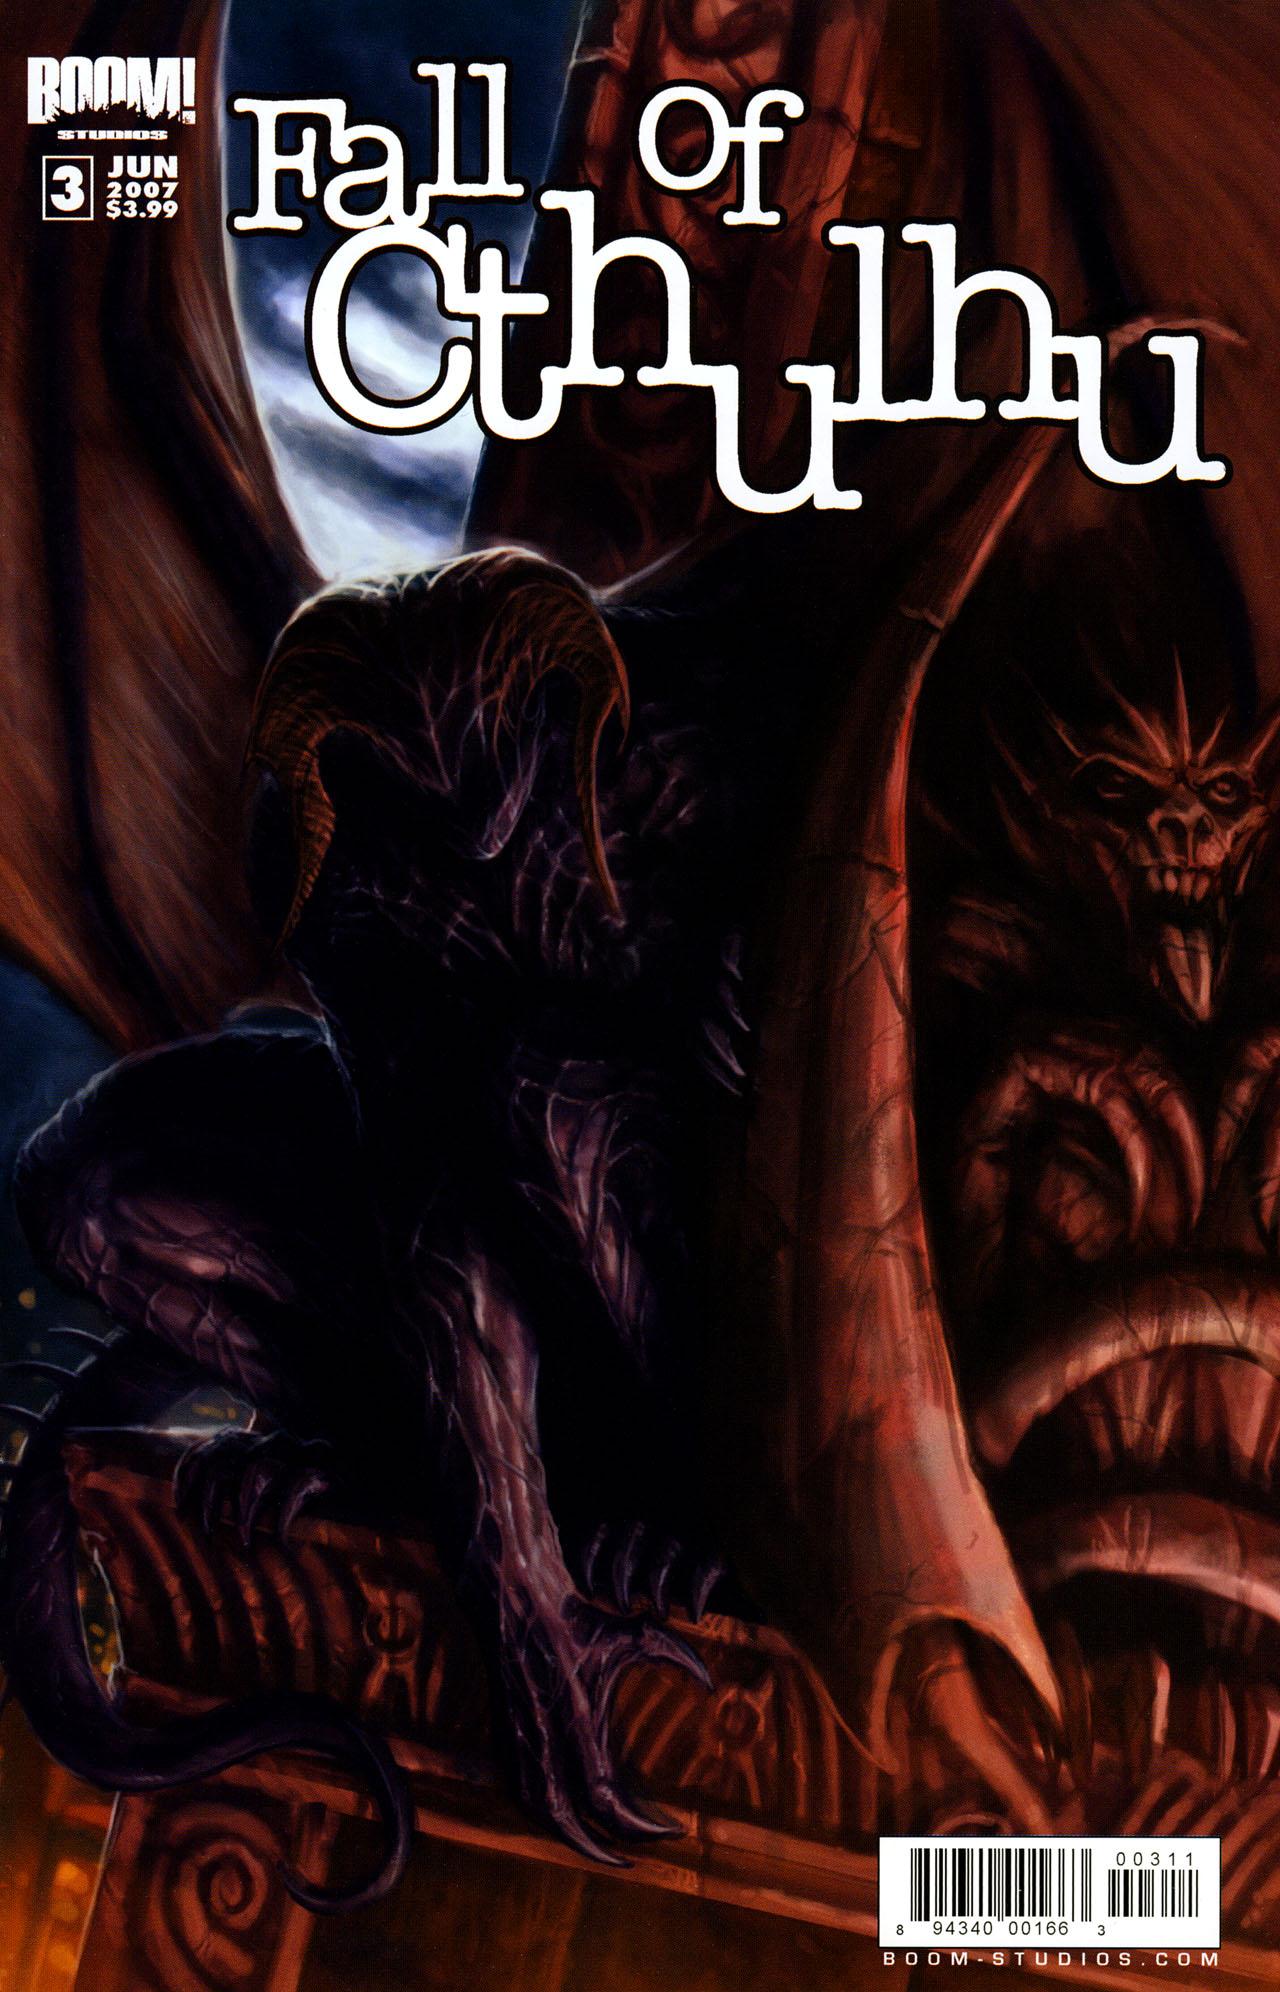 Fall of Cthulhu 3 Page 1